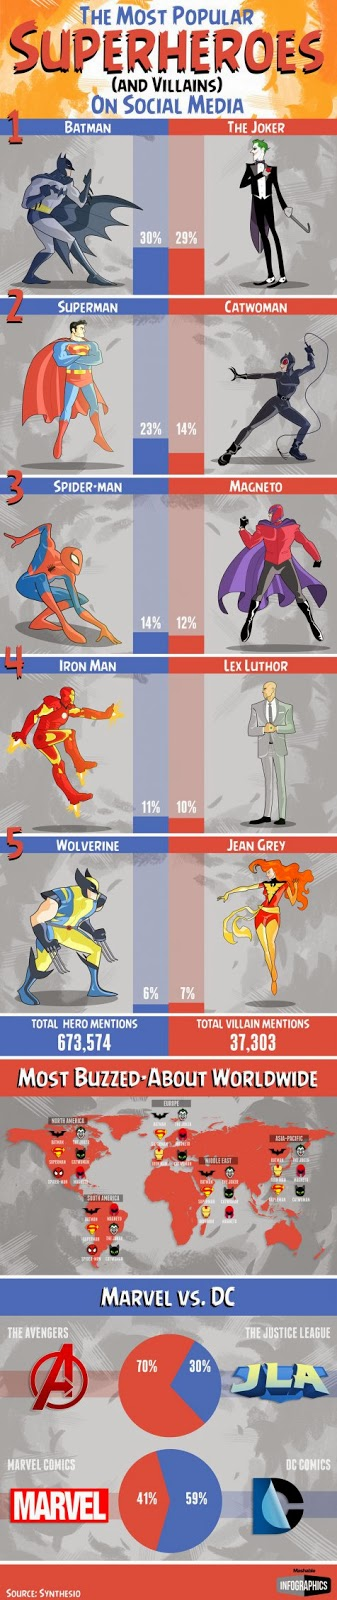 Superhero mana yang paling eksis di jejaring sosial